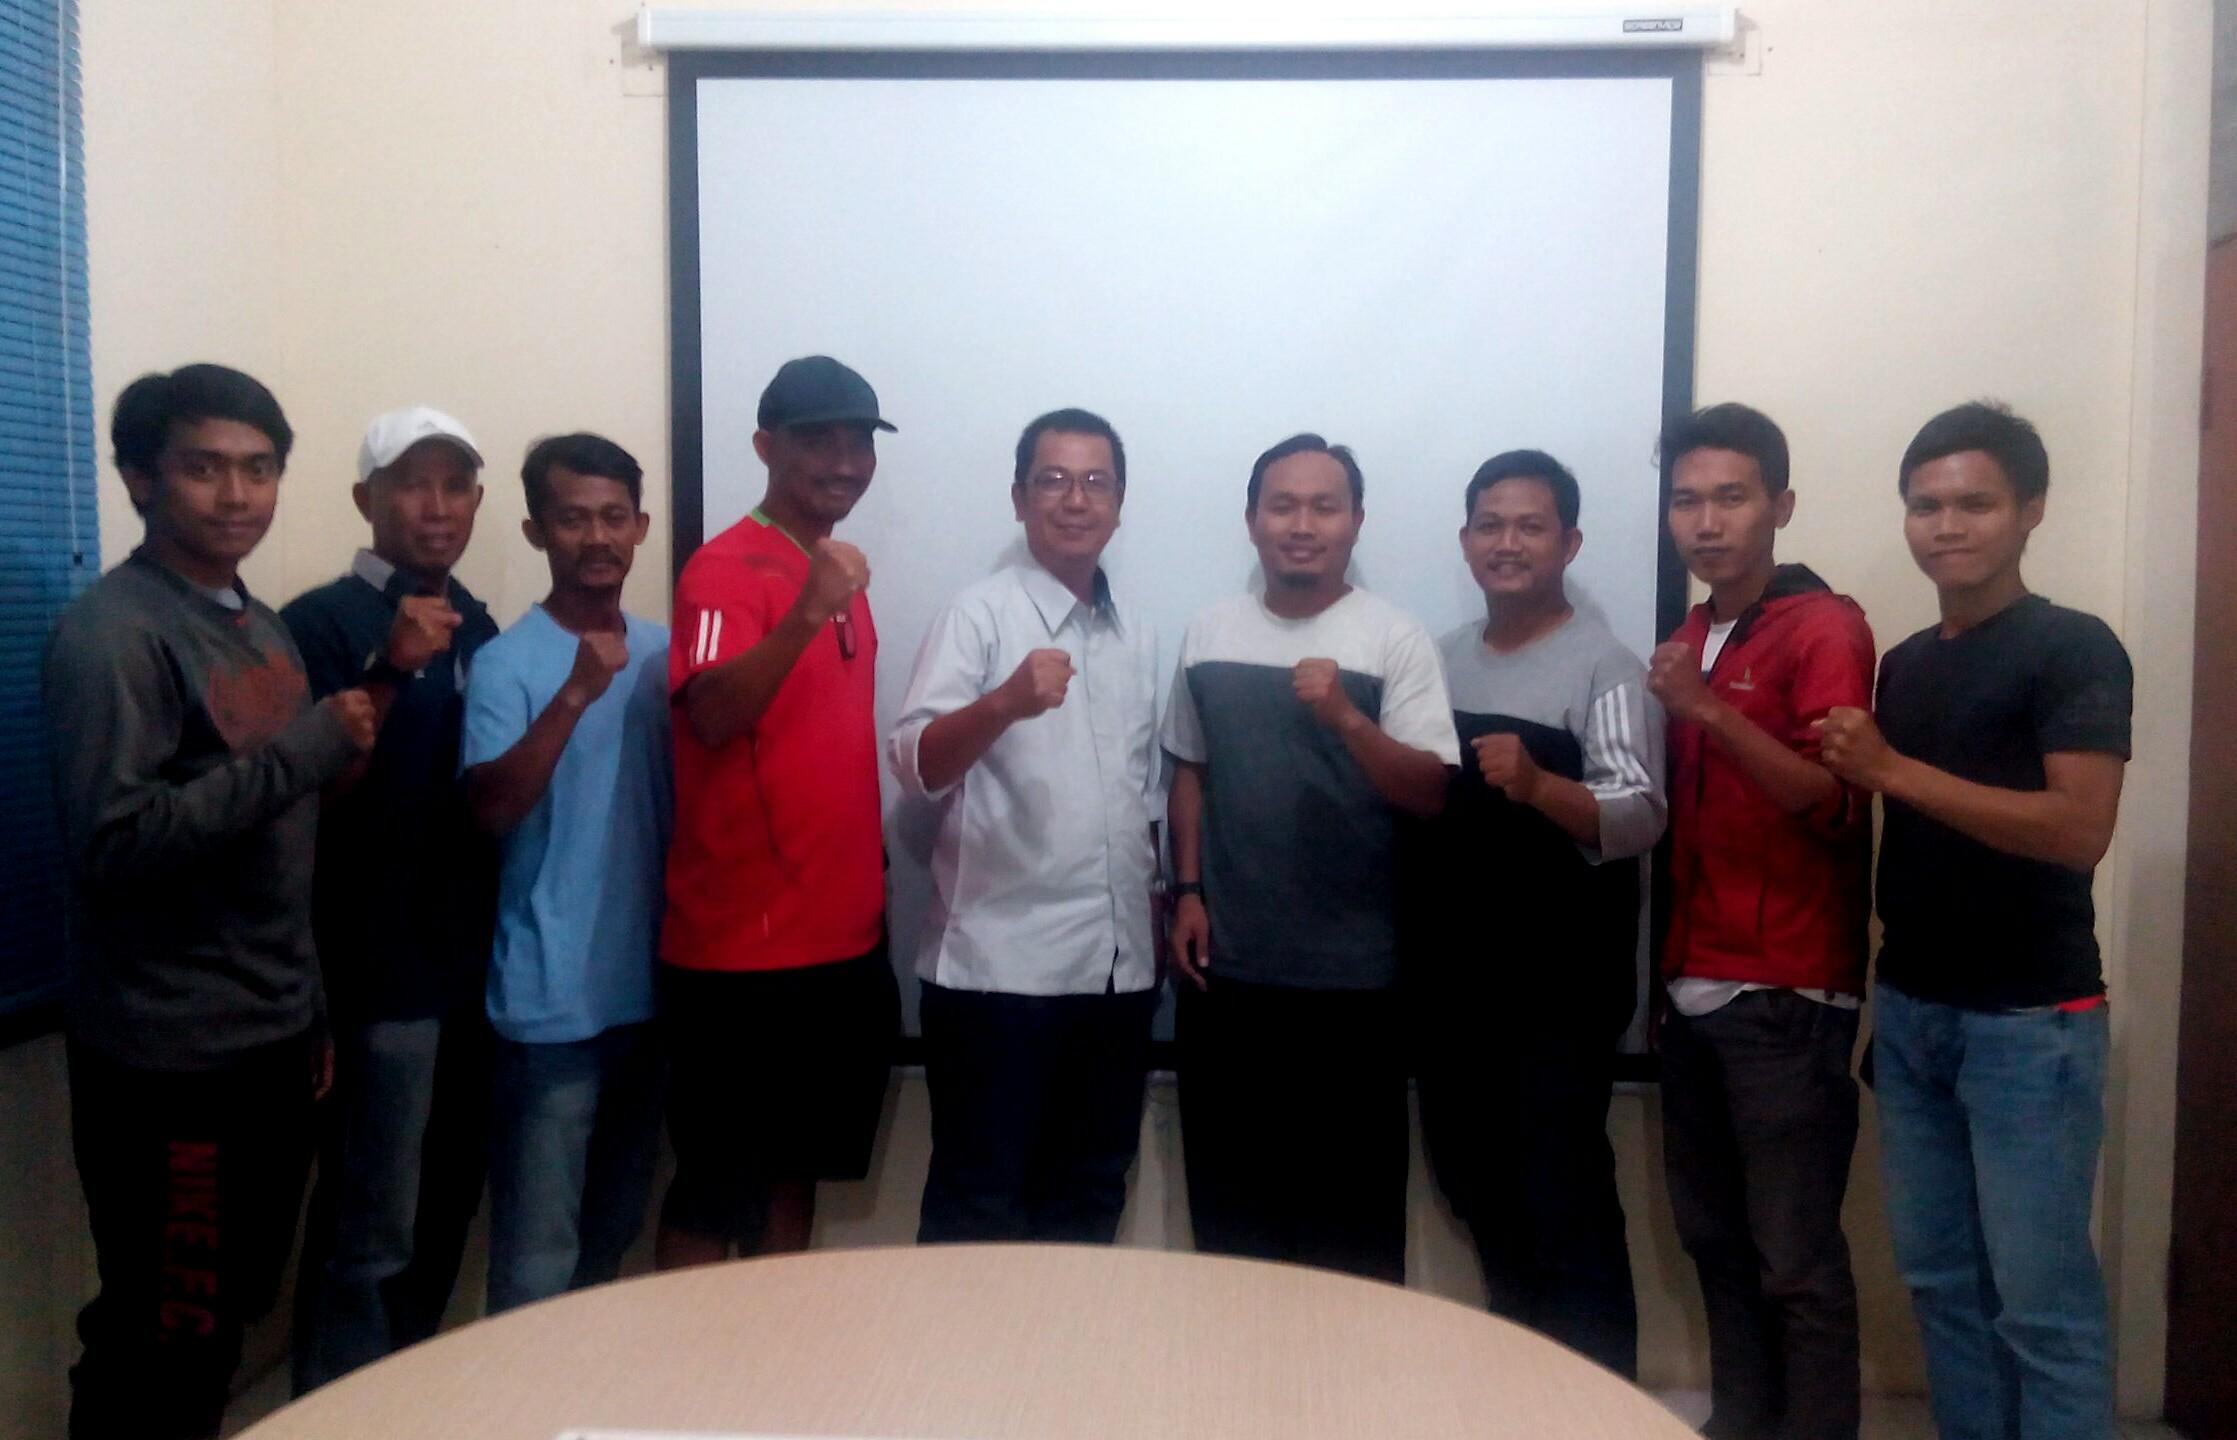 Ketua PRSI terpilih bersama pelatih dan pengurus